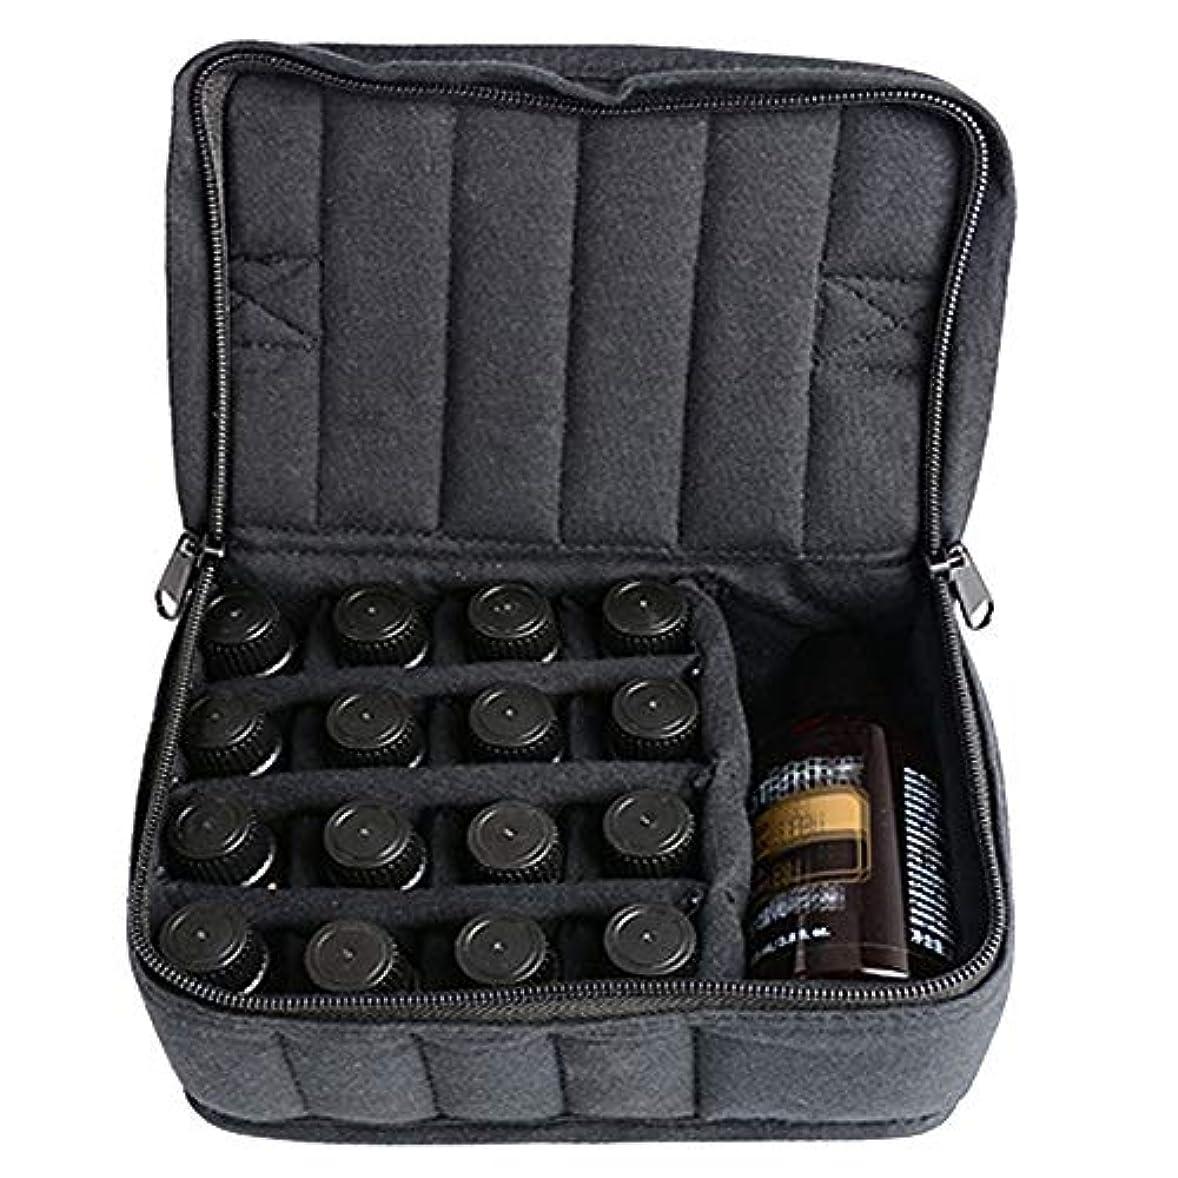 判決アニメーション鳴り響くエッセンシャルオイルストレージボックス ソフト17本のボトルエッセンシャルオイルキャリングケースは、旅行ブラックパープルのために17本のボトル5ミリリットル/ 10ミリリットル/ 15ミリリットルを開催します 旅行および...